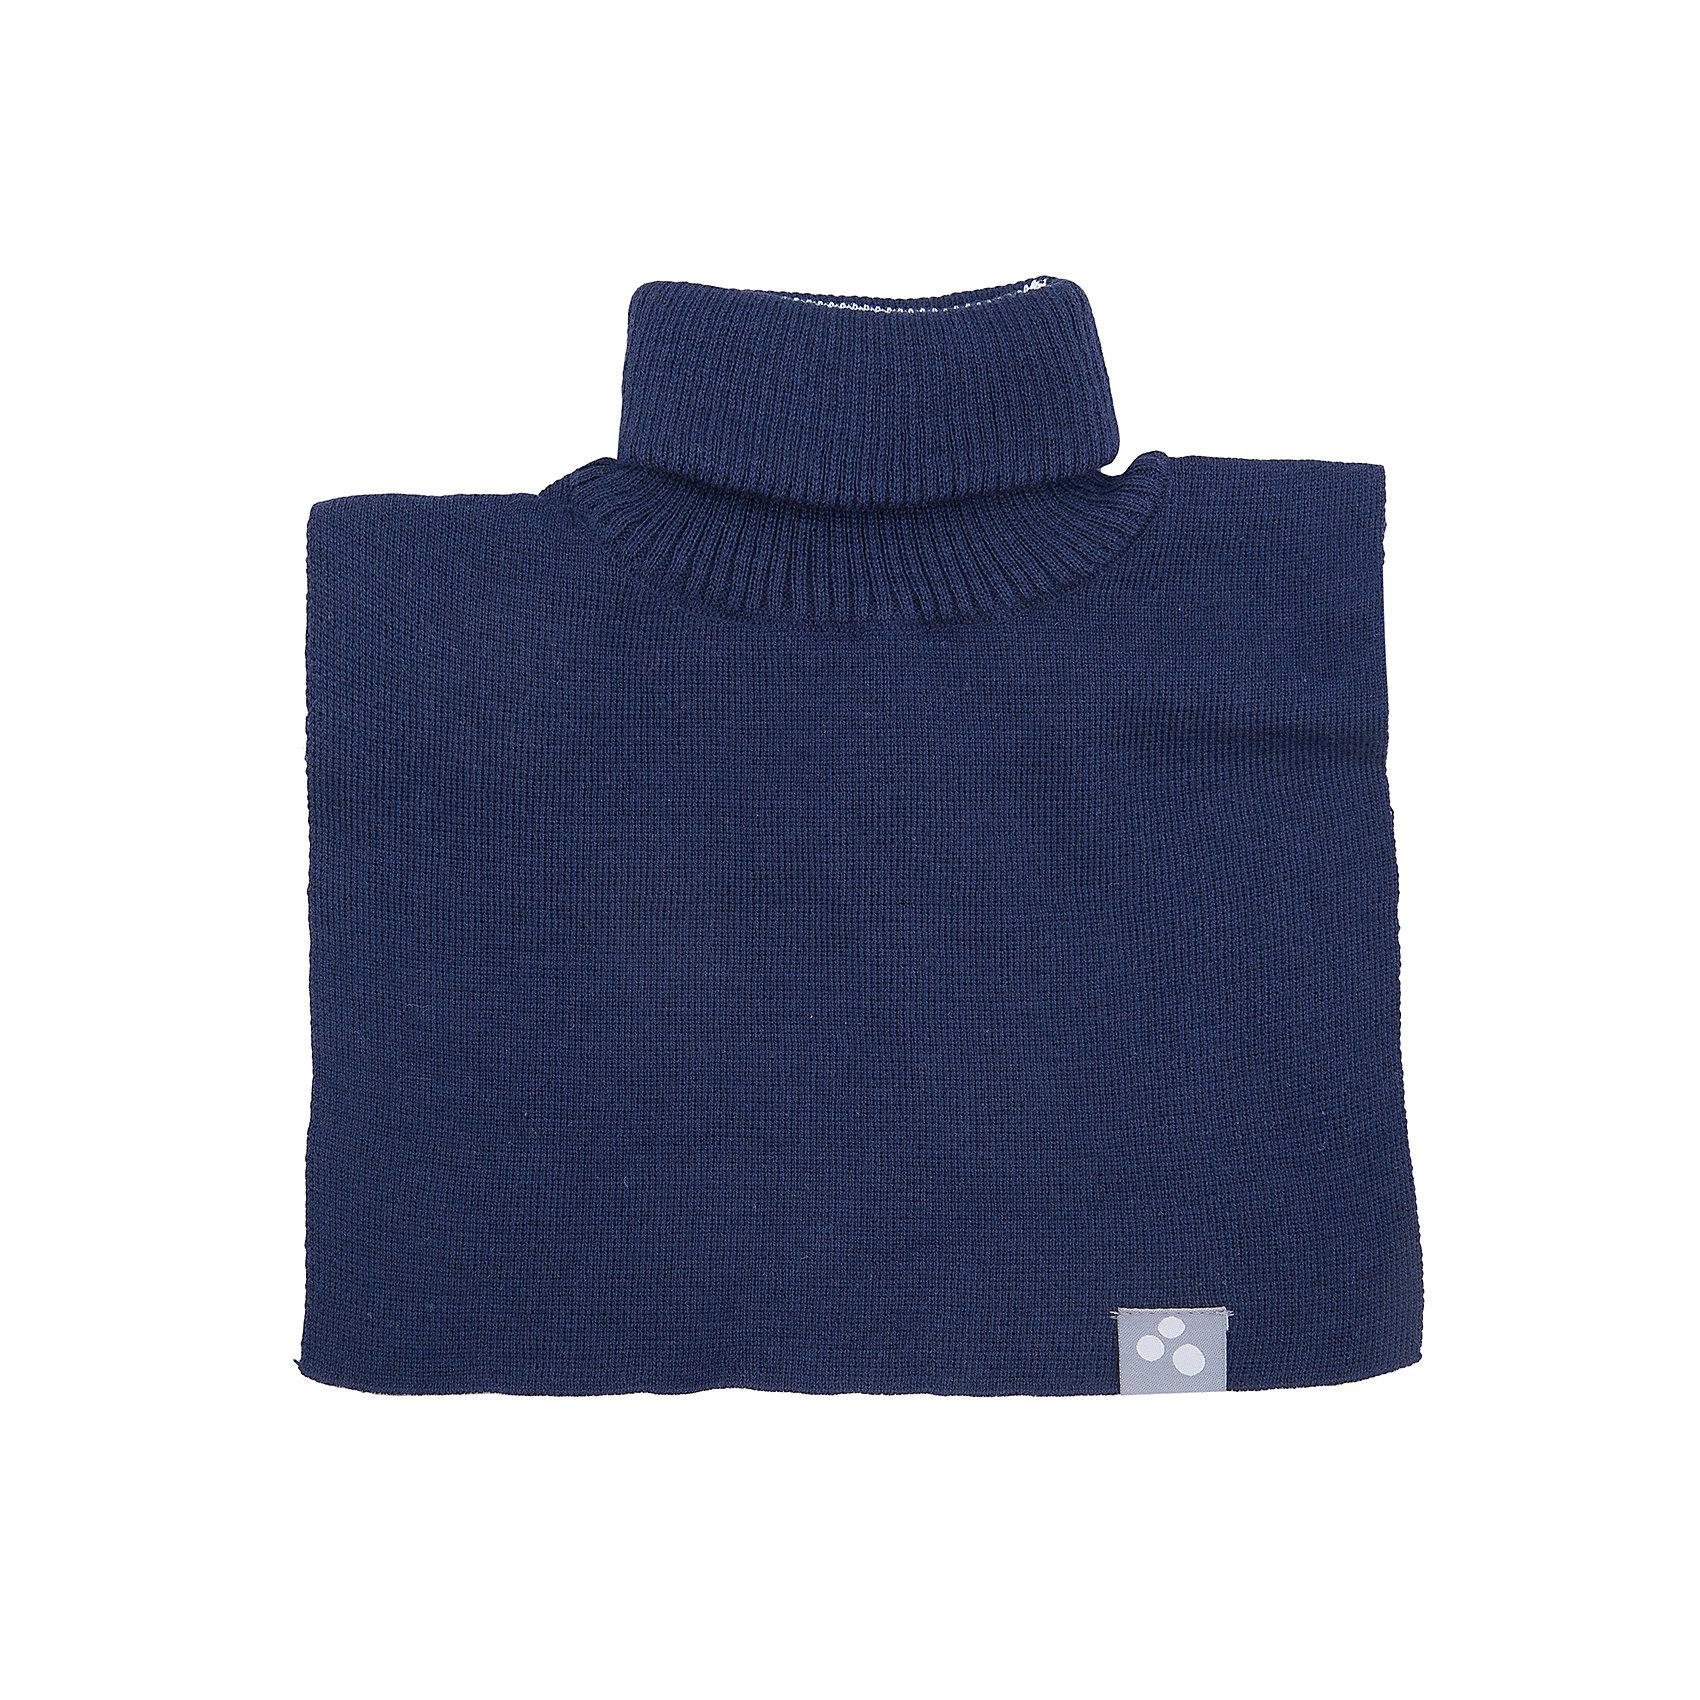 Манишка HuppaШарфы, платки<br>Манишка CORA Huppa(Хуппа) - вязаный воротник, изготовленный из шерсти мериноса и акрила с подкладкой из флиса. Он надежно защитит шею ребенка от мороза и ветра. Этот шарф ребенок с радостью наденет самостоятельно.<br><br>Дополнительная информация:<br>Материал: 50% шерсть мериноса, 50% акрил<br>Подкладка : хлопок<br>Цвет: темно-синий<br><br>Манишку CORA Huppa(Хуппа) можно приобрести в нашем интернет-магазине.<br><br>Ширина мм: 88<br>Глубина мм: 155<br>Высота мм: 26<br>Вес г: 106<br>Цвет: синий<br>Возраст от месяцев: 12<br>Возраст до месяцев: 24<br>Пол: Унисекс<br>Возраст: Детский<br>Размер: 47-49,55-57<br>SKU: 4923921